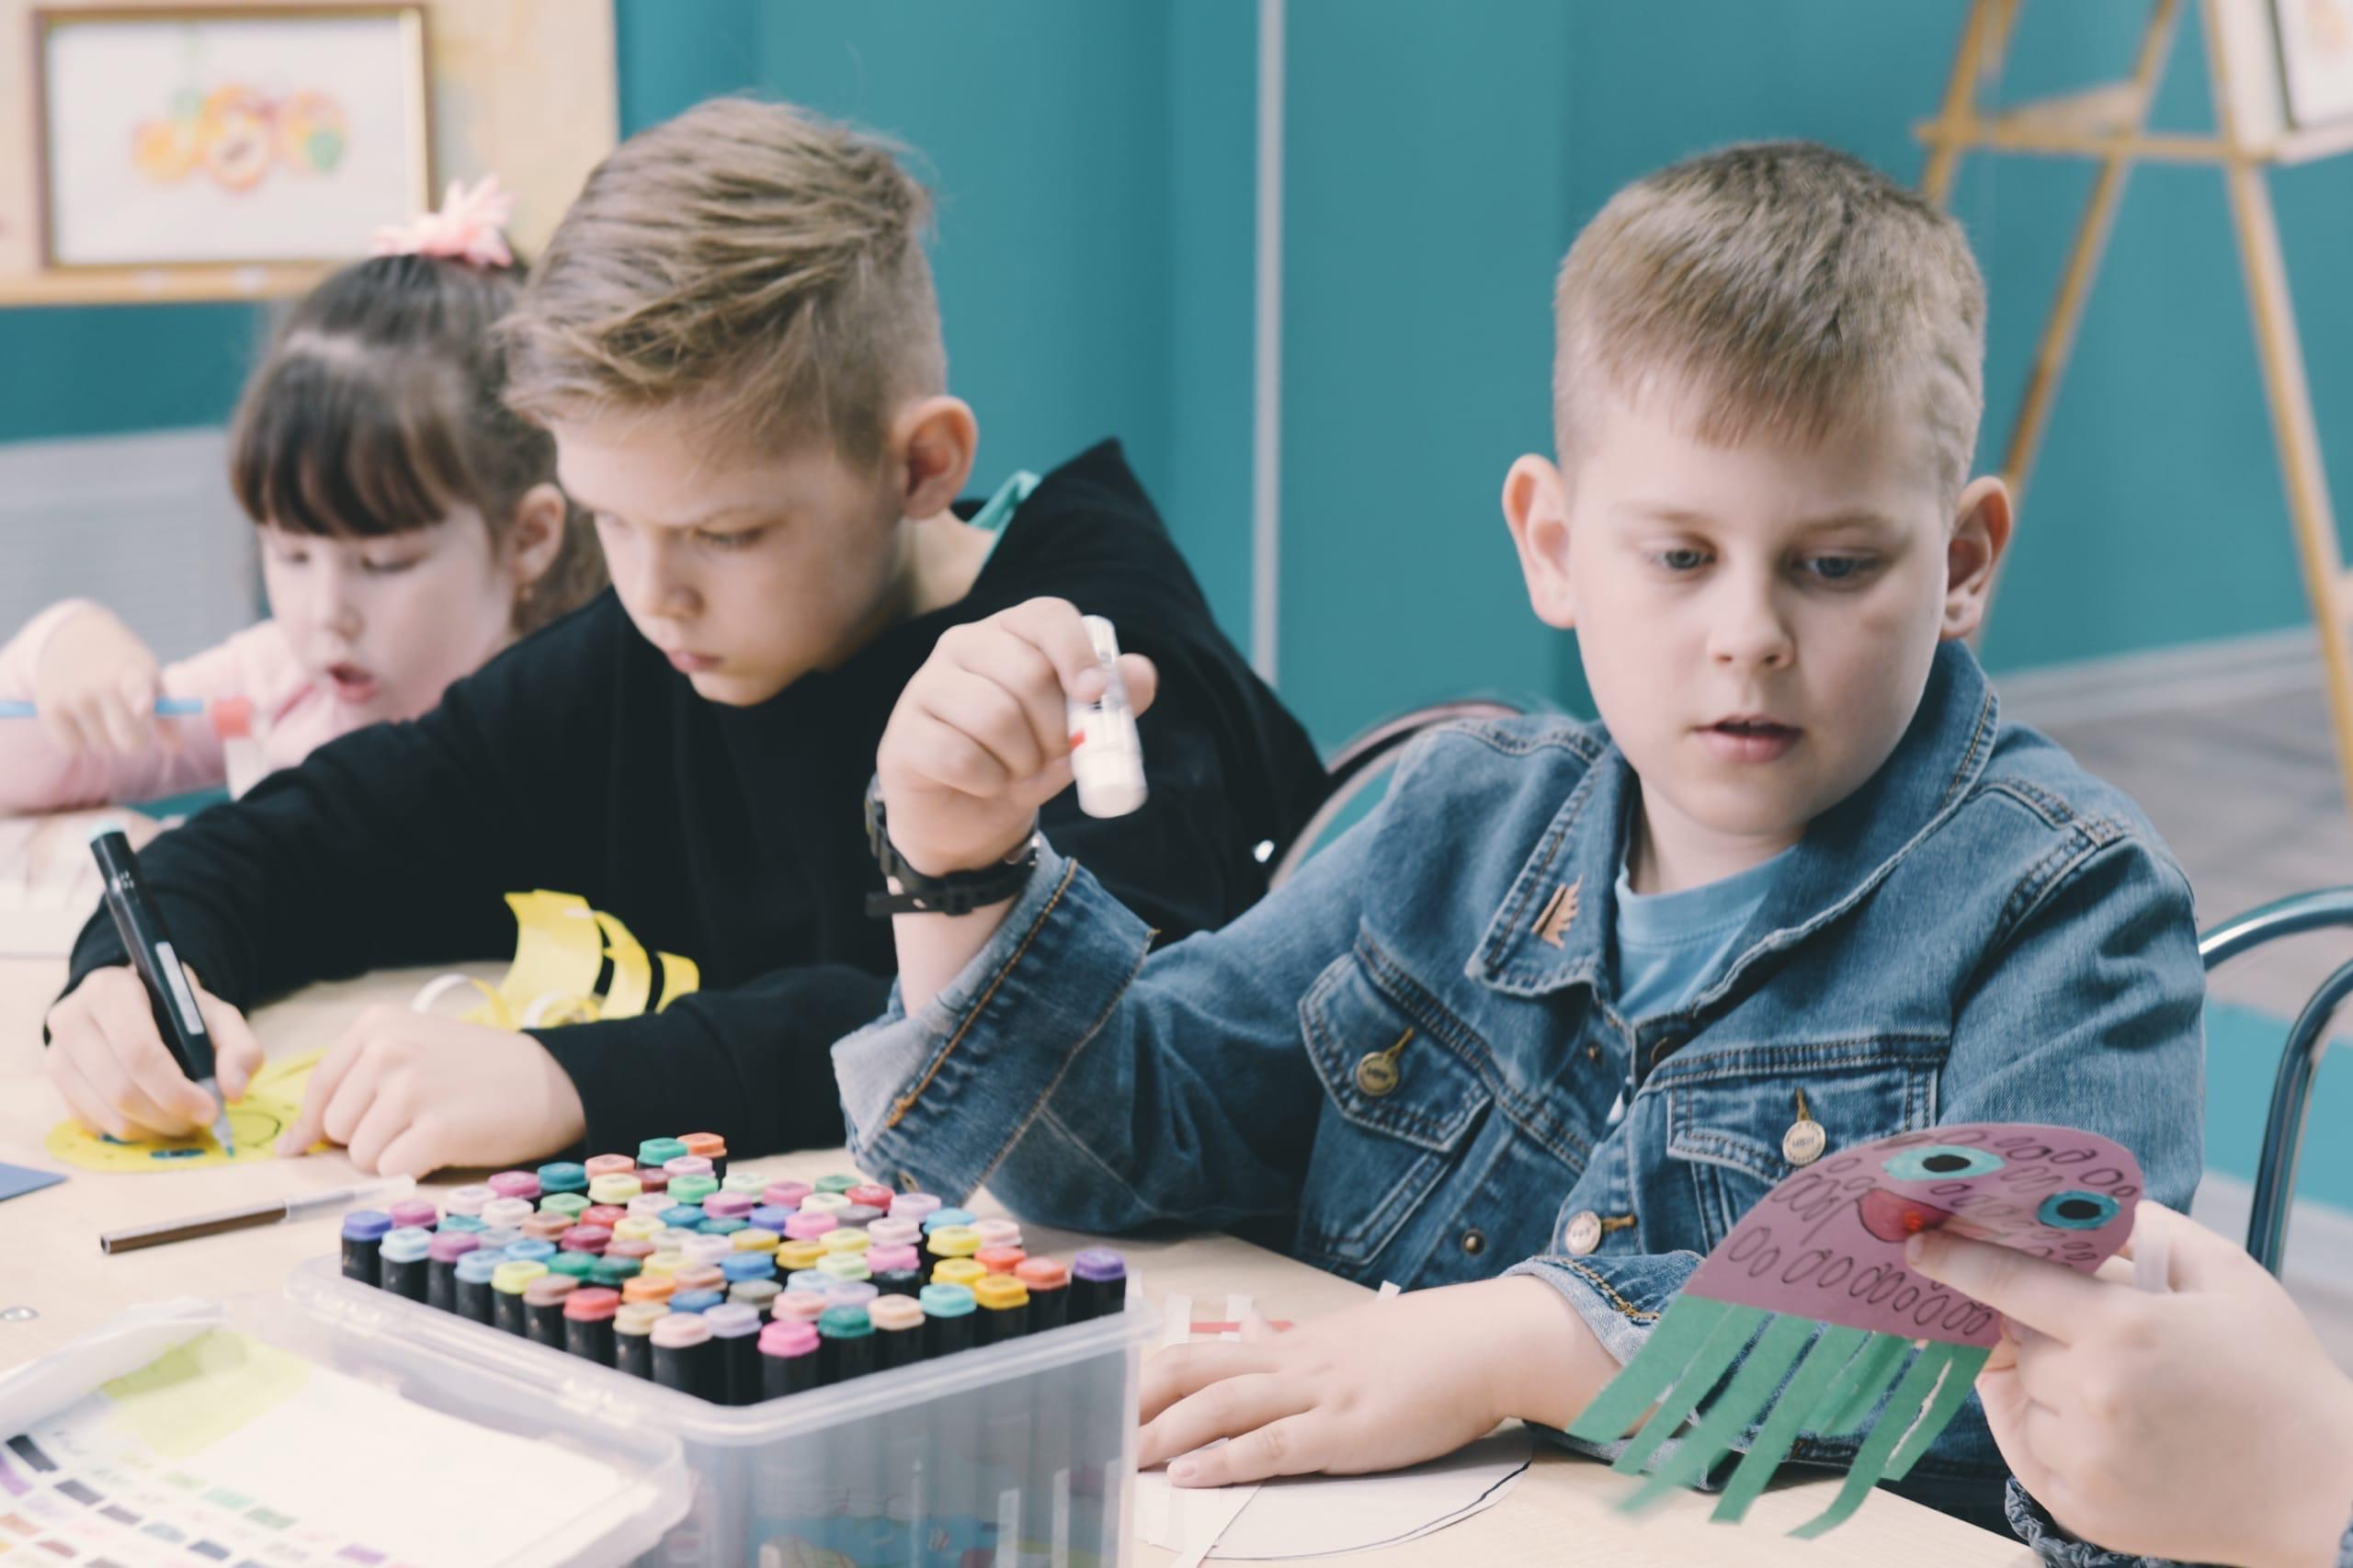 Мастер-класс для детей провели в Культурном центре «Киевский»